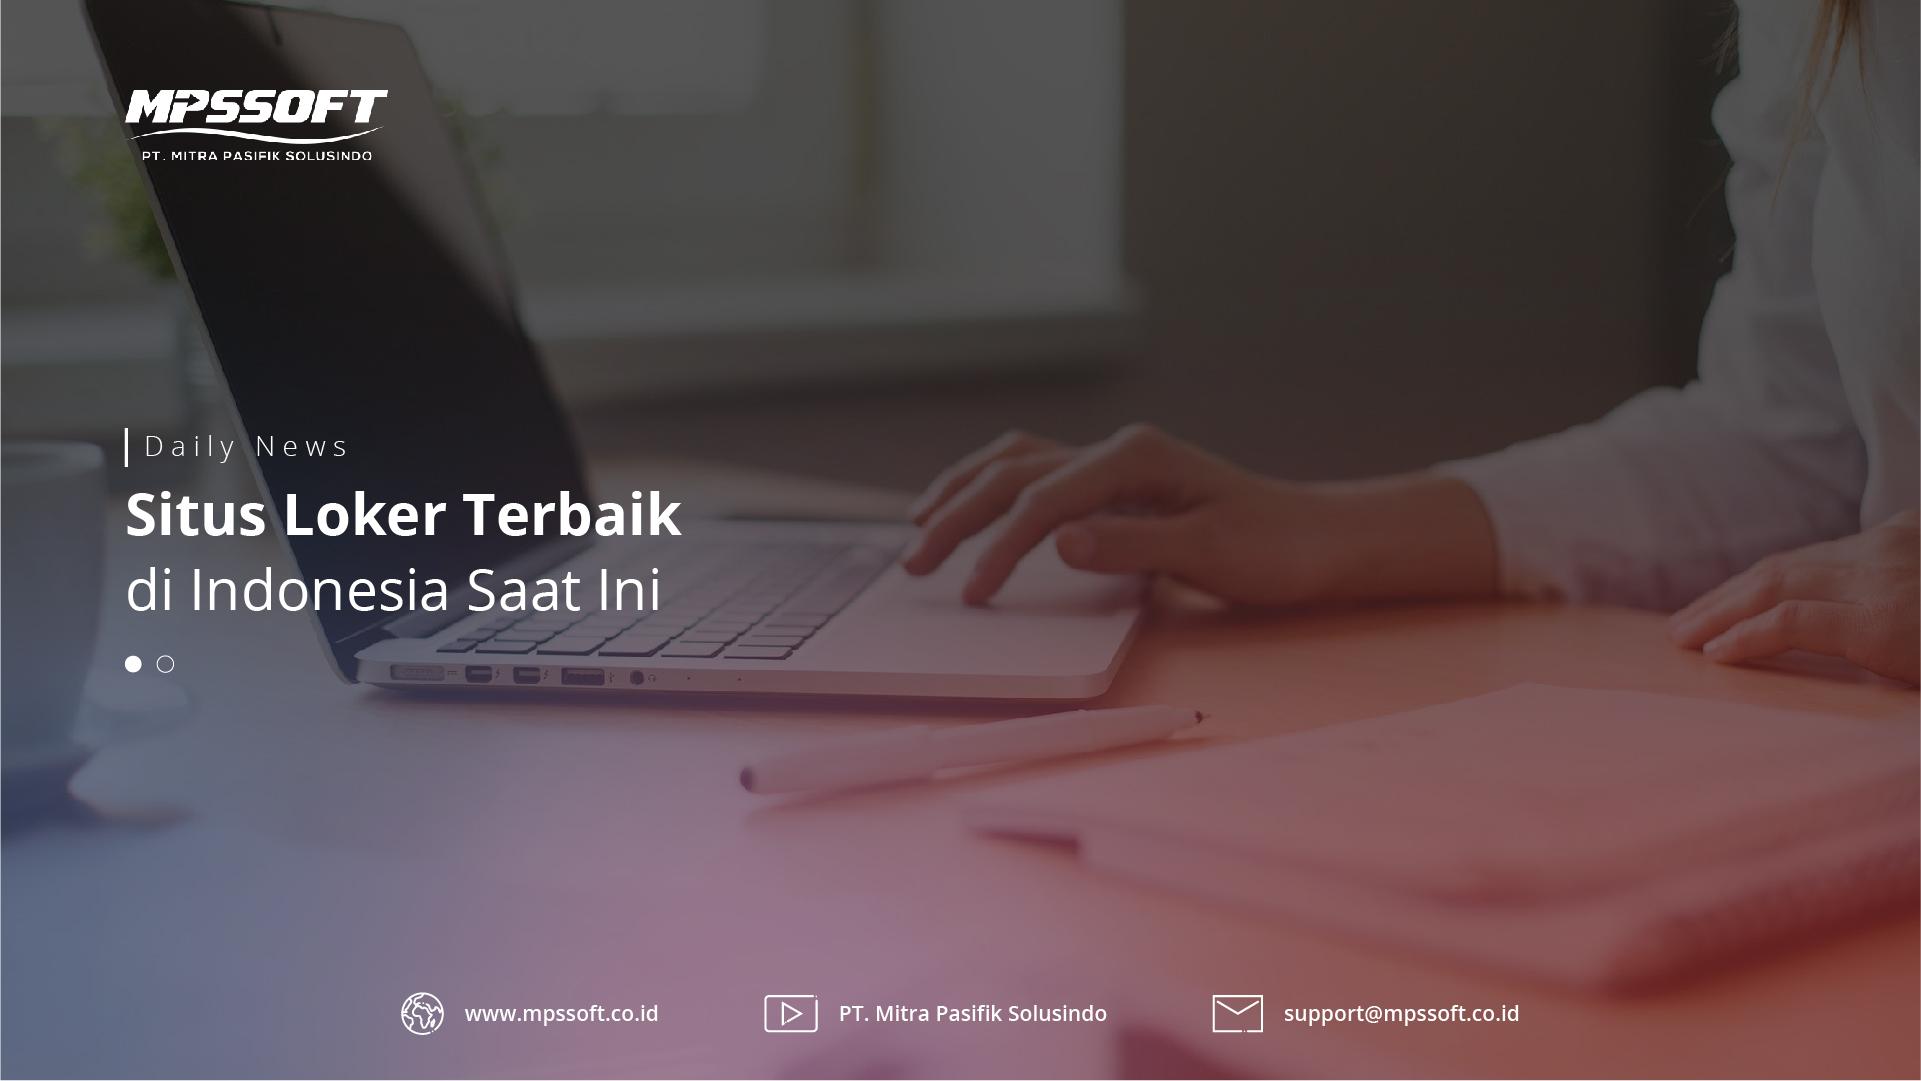 Situs Lowongan Kerja Terbaik di Indonesia Saat ini